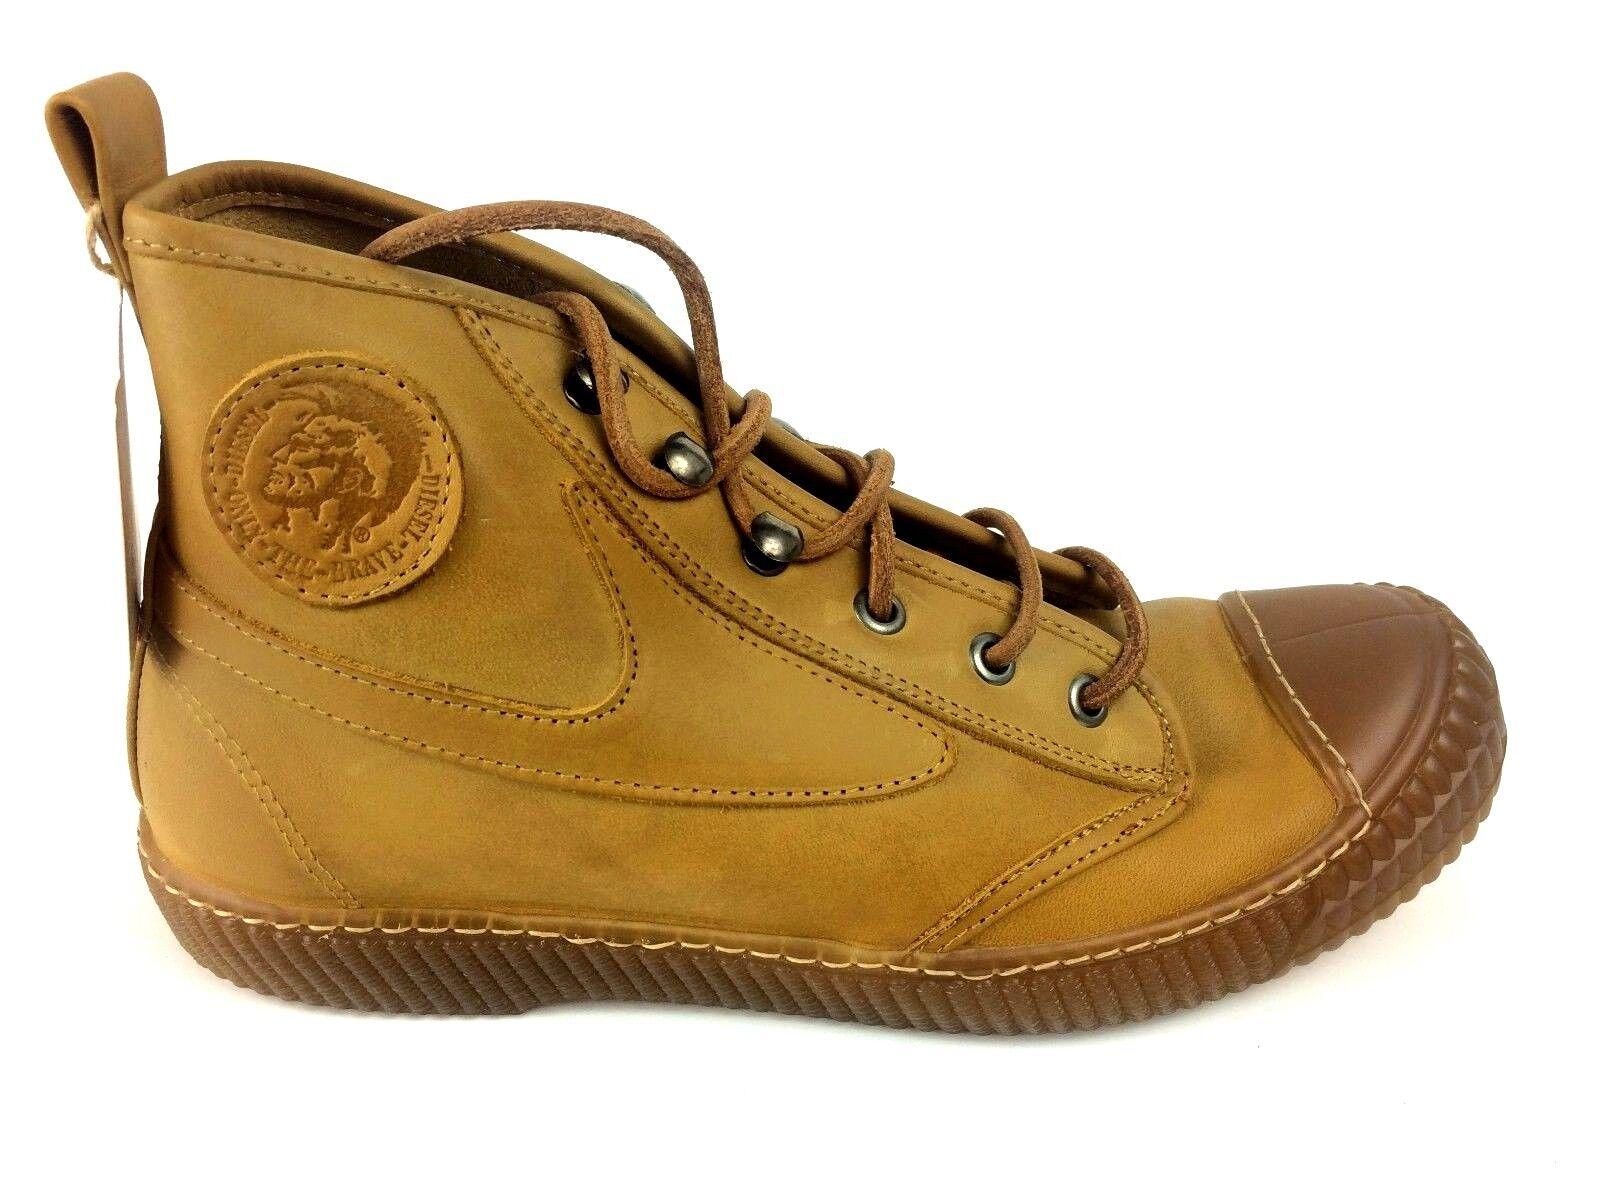 DIESEL Sneaker Sondermodel DRAAGS94 Herren Sneakers Men Shoes Braun Leder Y01032